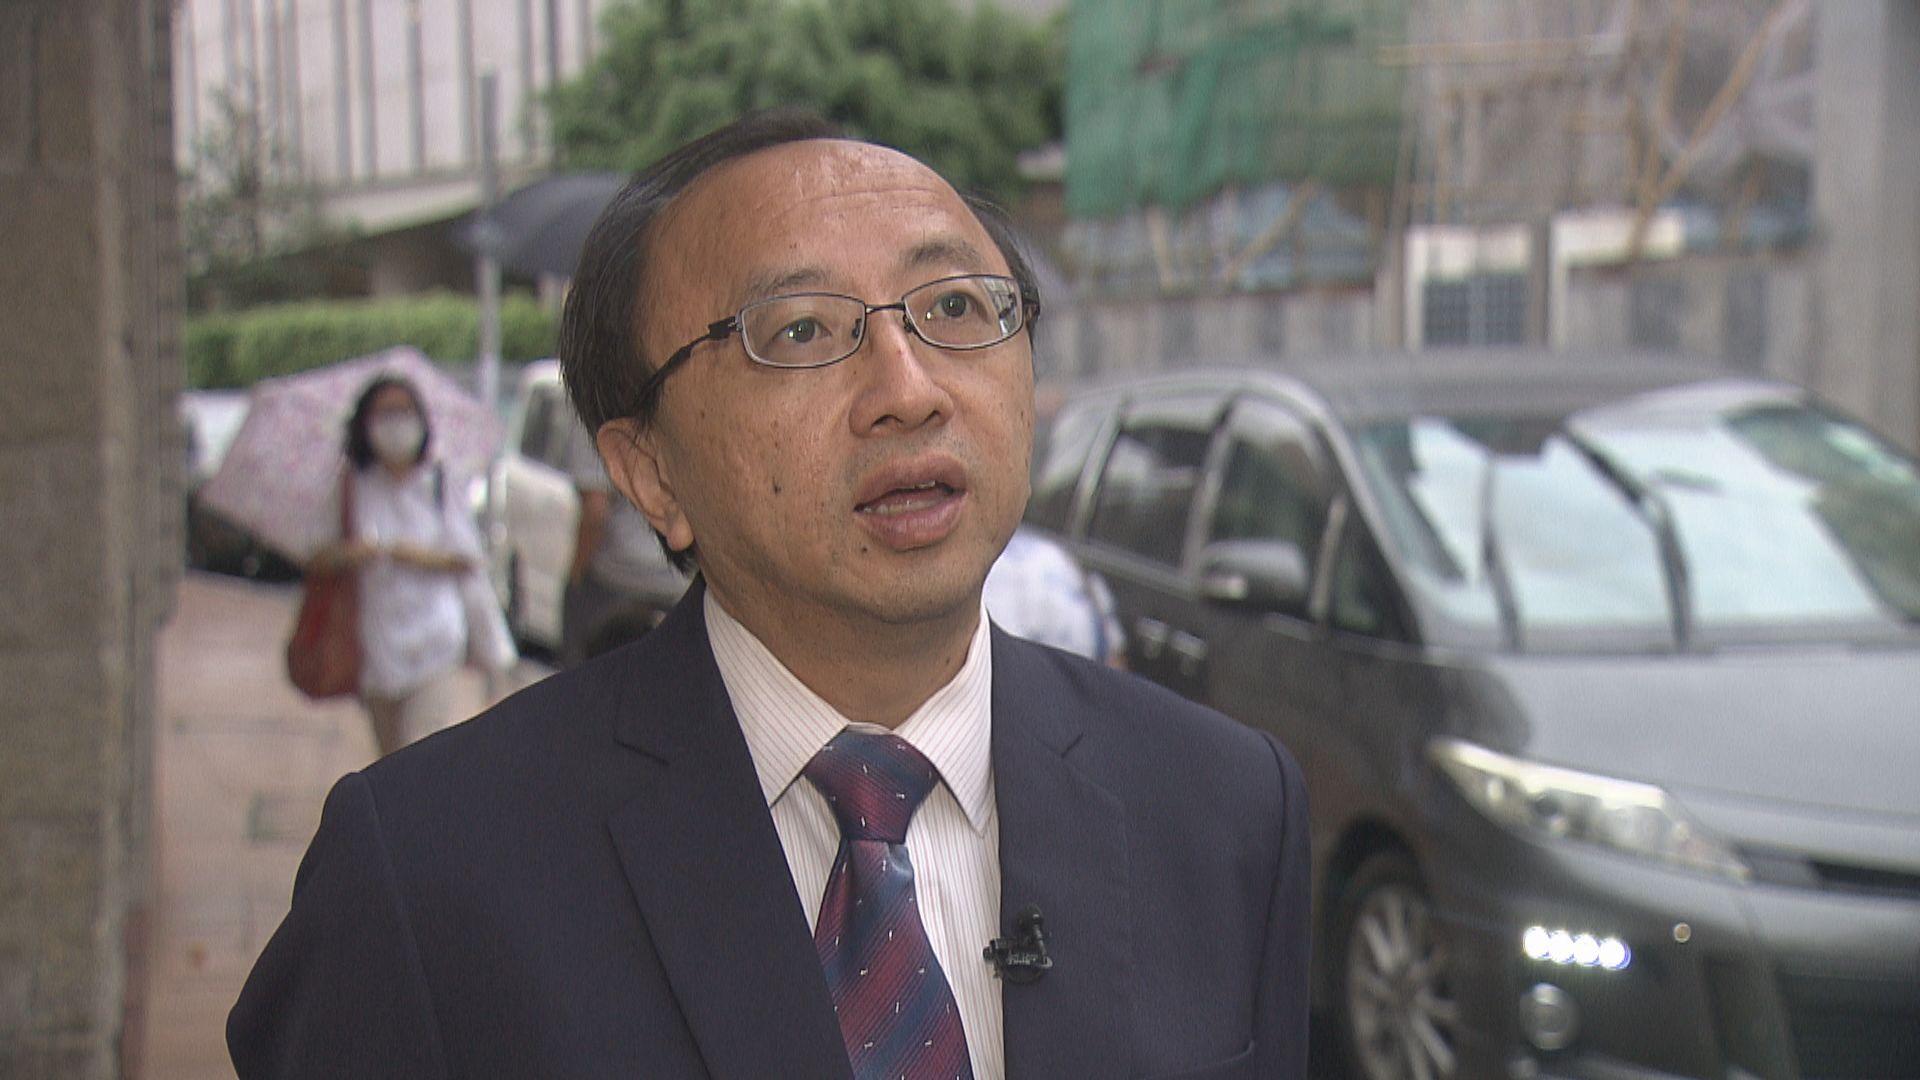 張達明:判詞澄清國安法案件被告仍有機會保釋